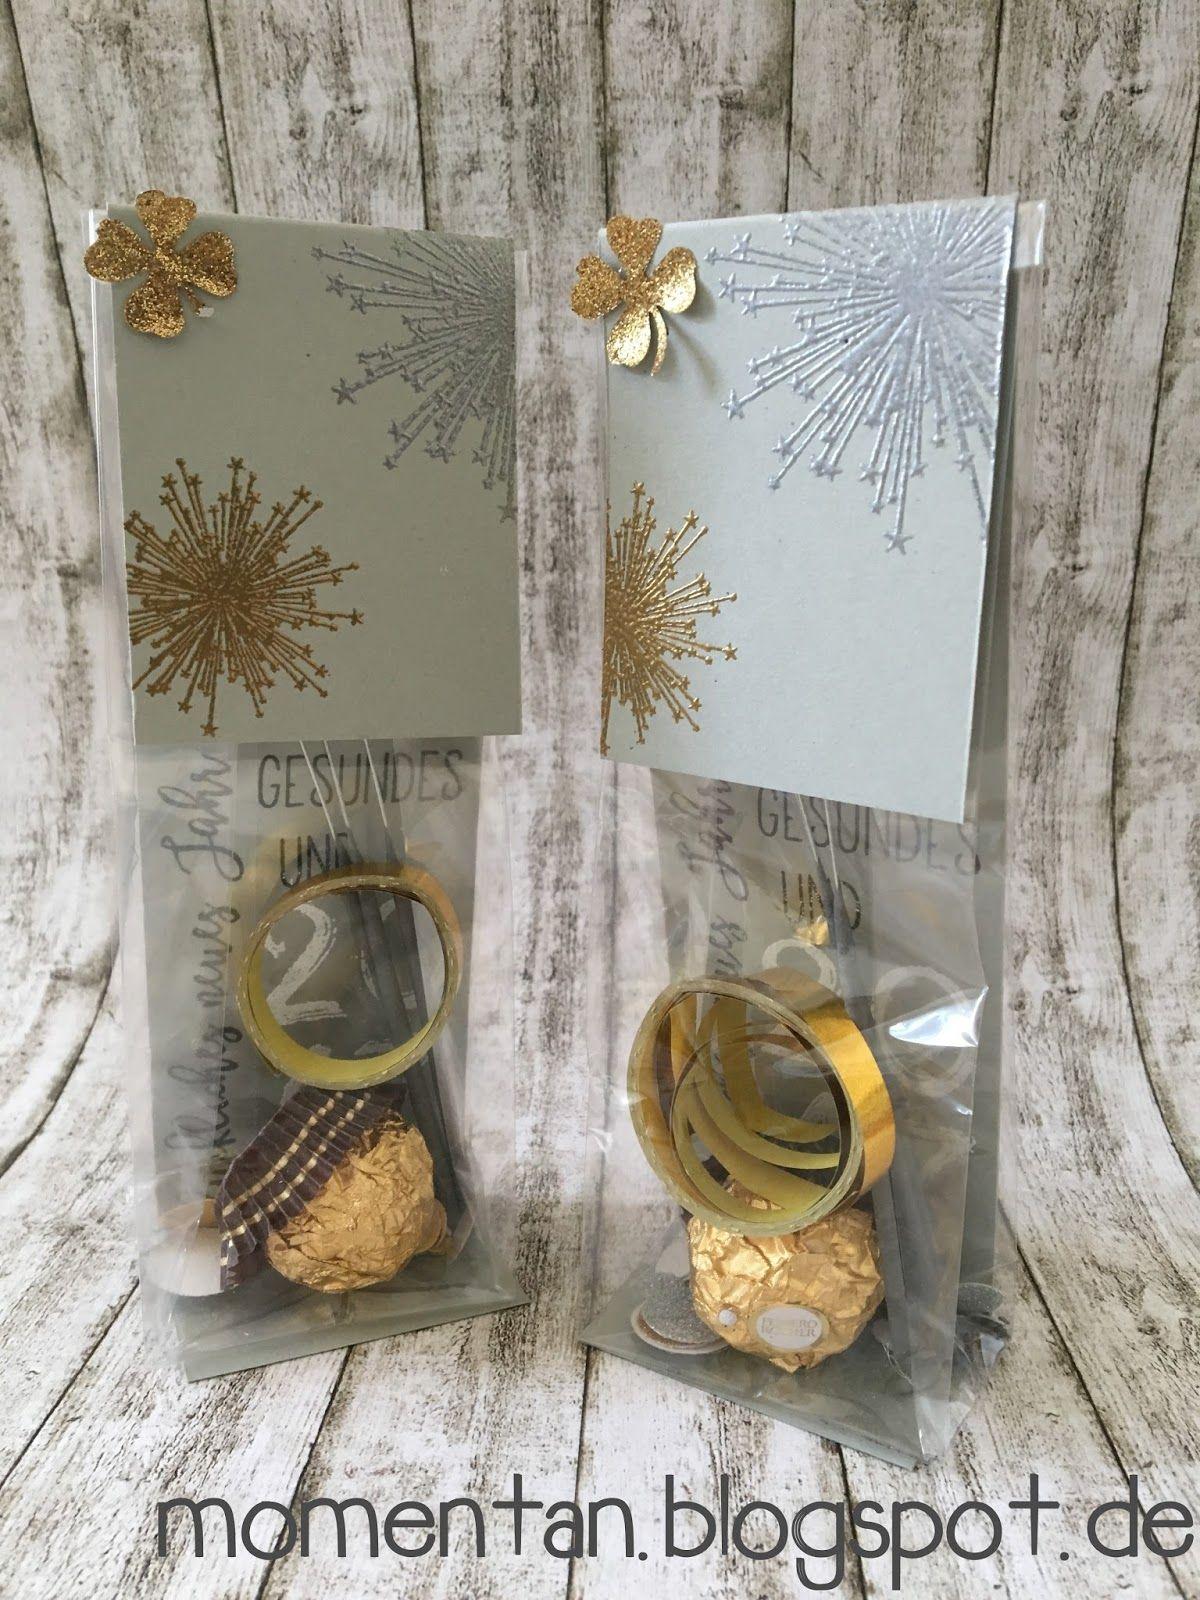 Weihnachtsgeschenke Kleinigkeiten.Pin Von Barbara Levine Auf Cards Candy Etc Paper Crafts Silvester